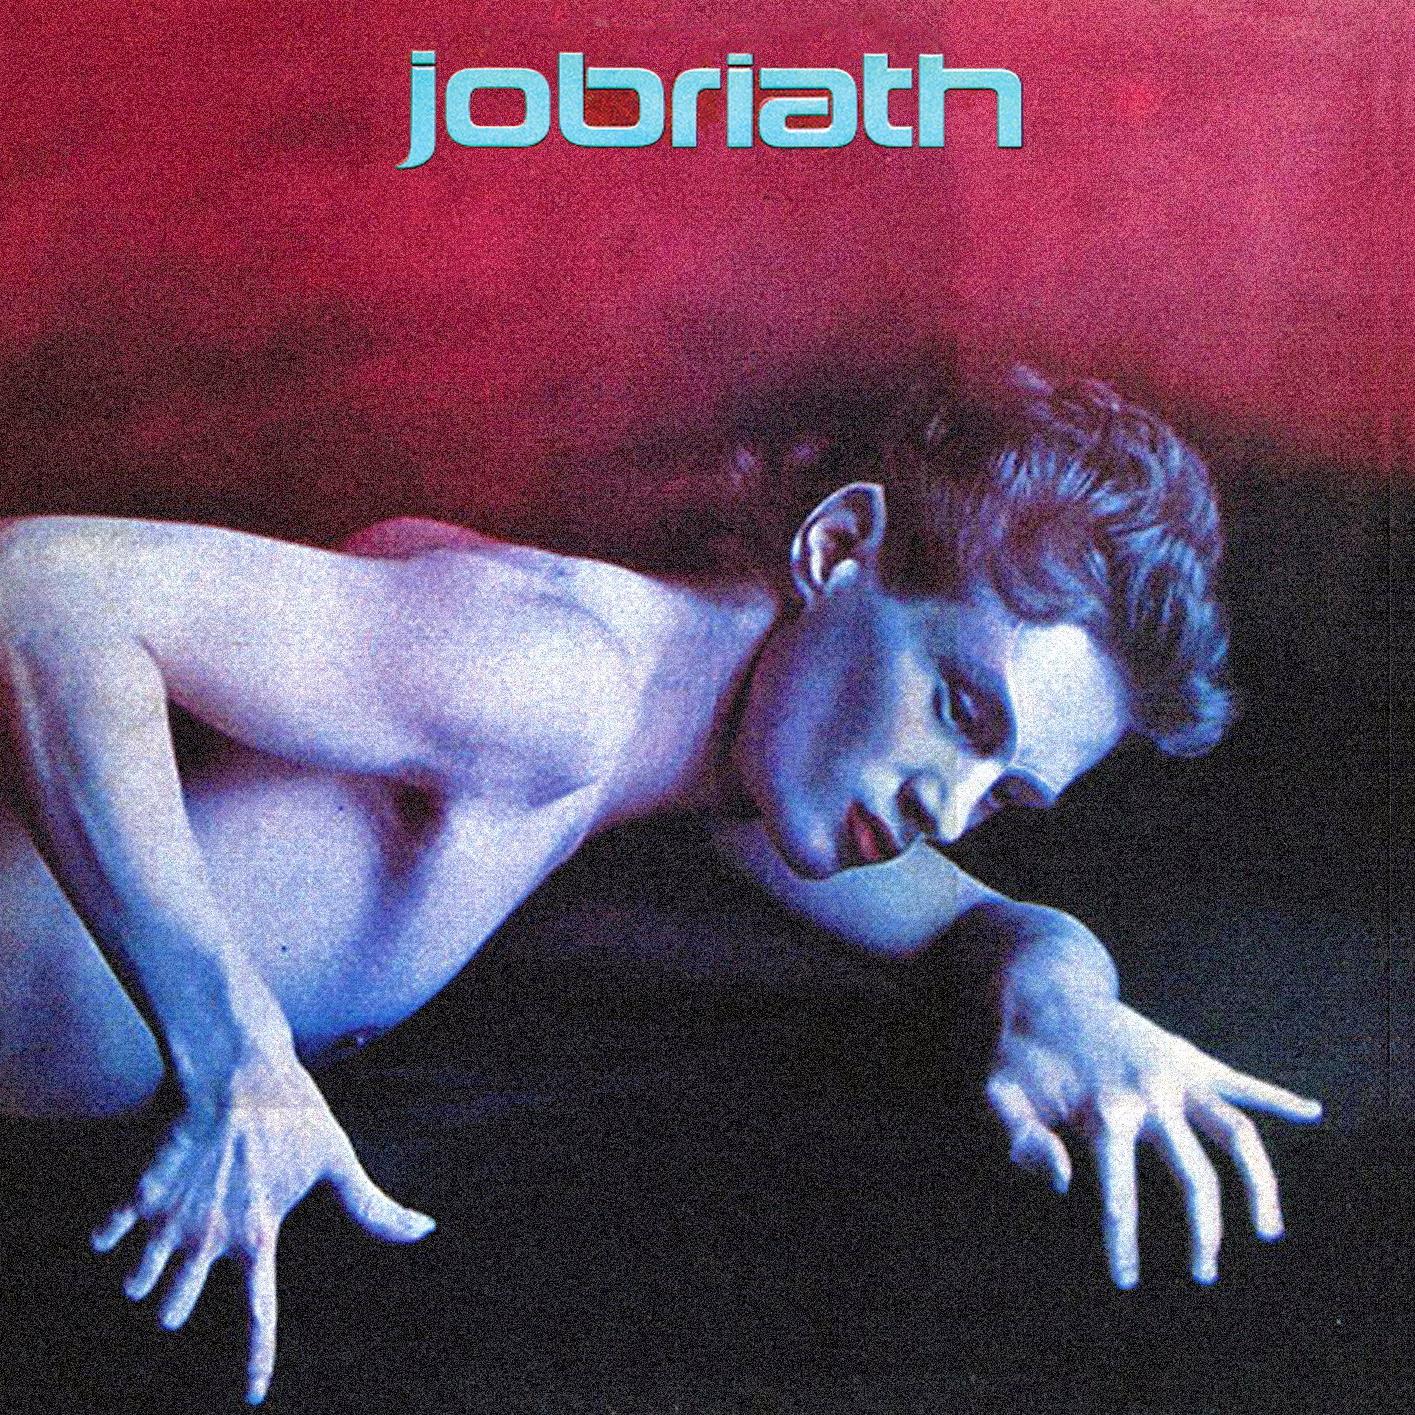 jobriath-album-cover